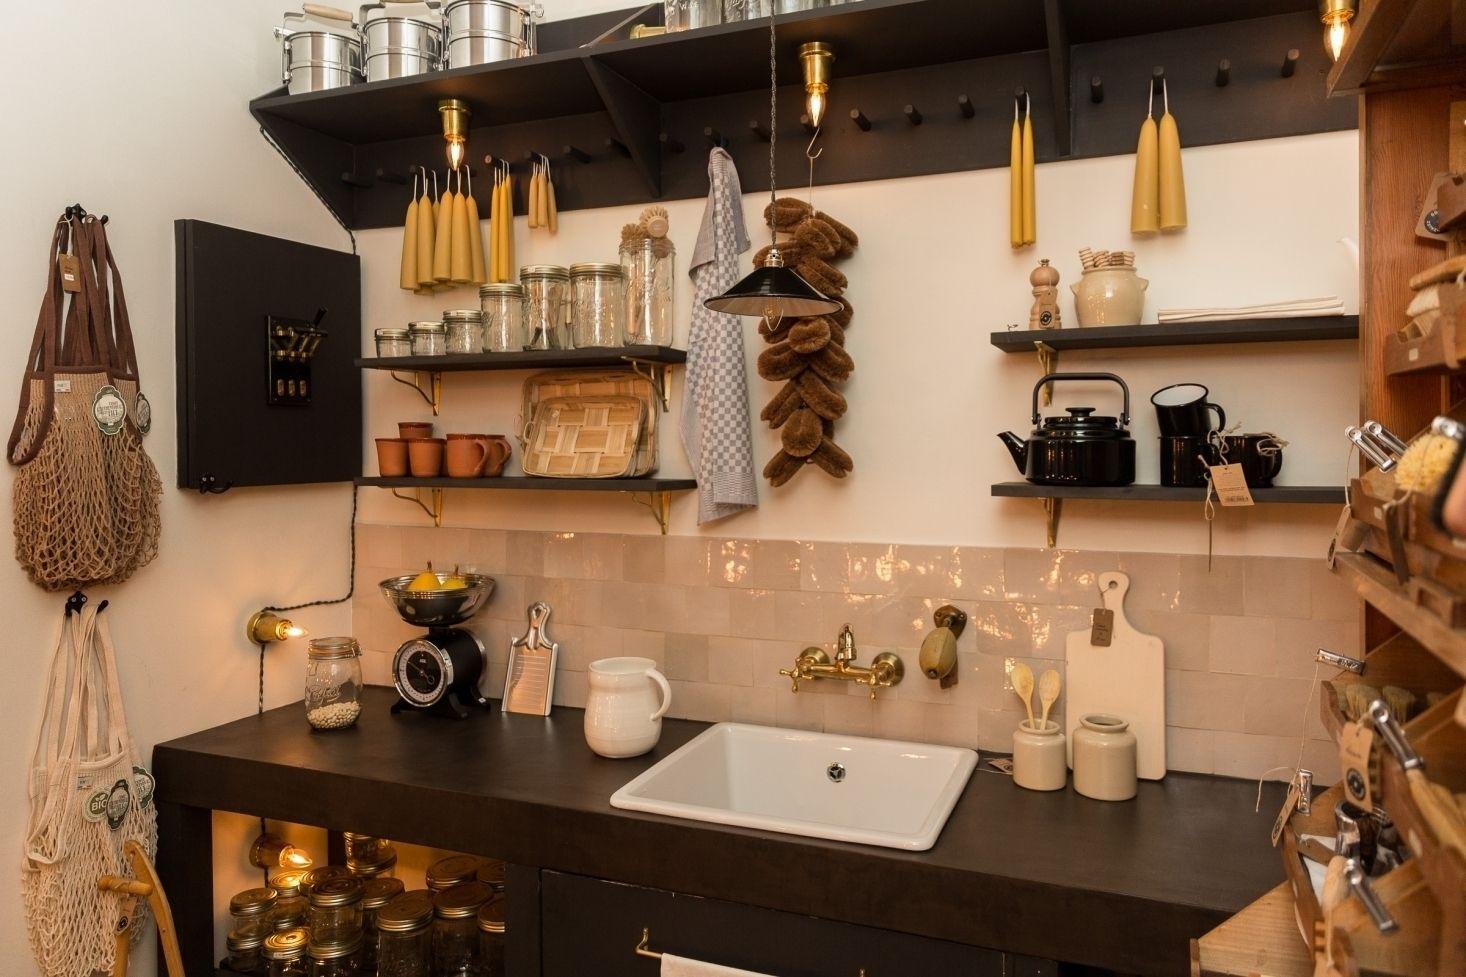 Casa González González Una Bonita Tienda En Madrid Que Apuesta Por Lo Genuino Diseño De Cocina Fachadas De Tiendas Decoración De Unas